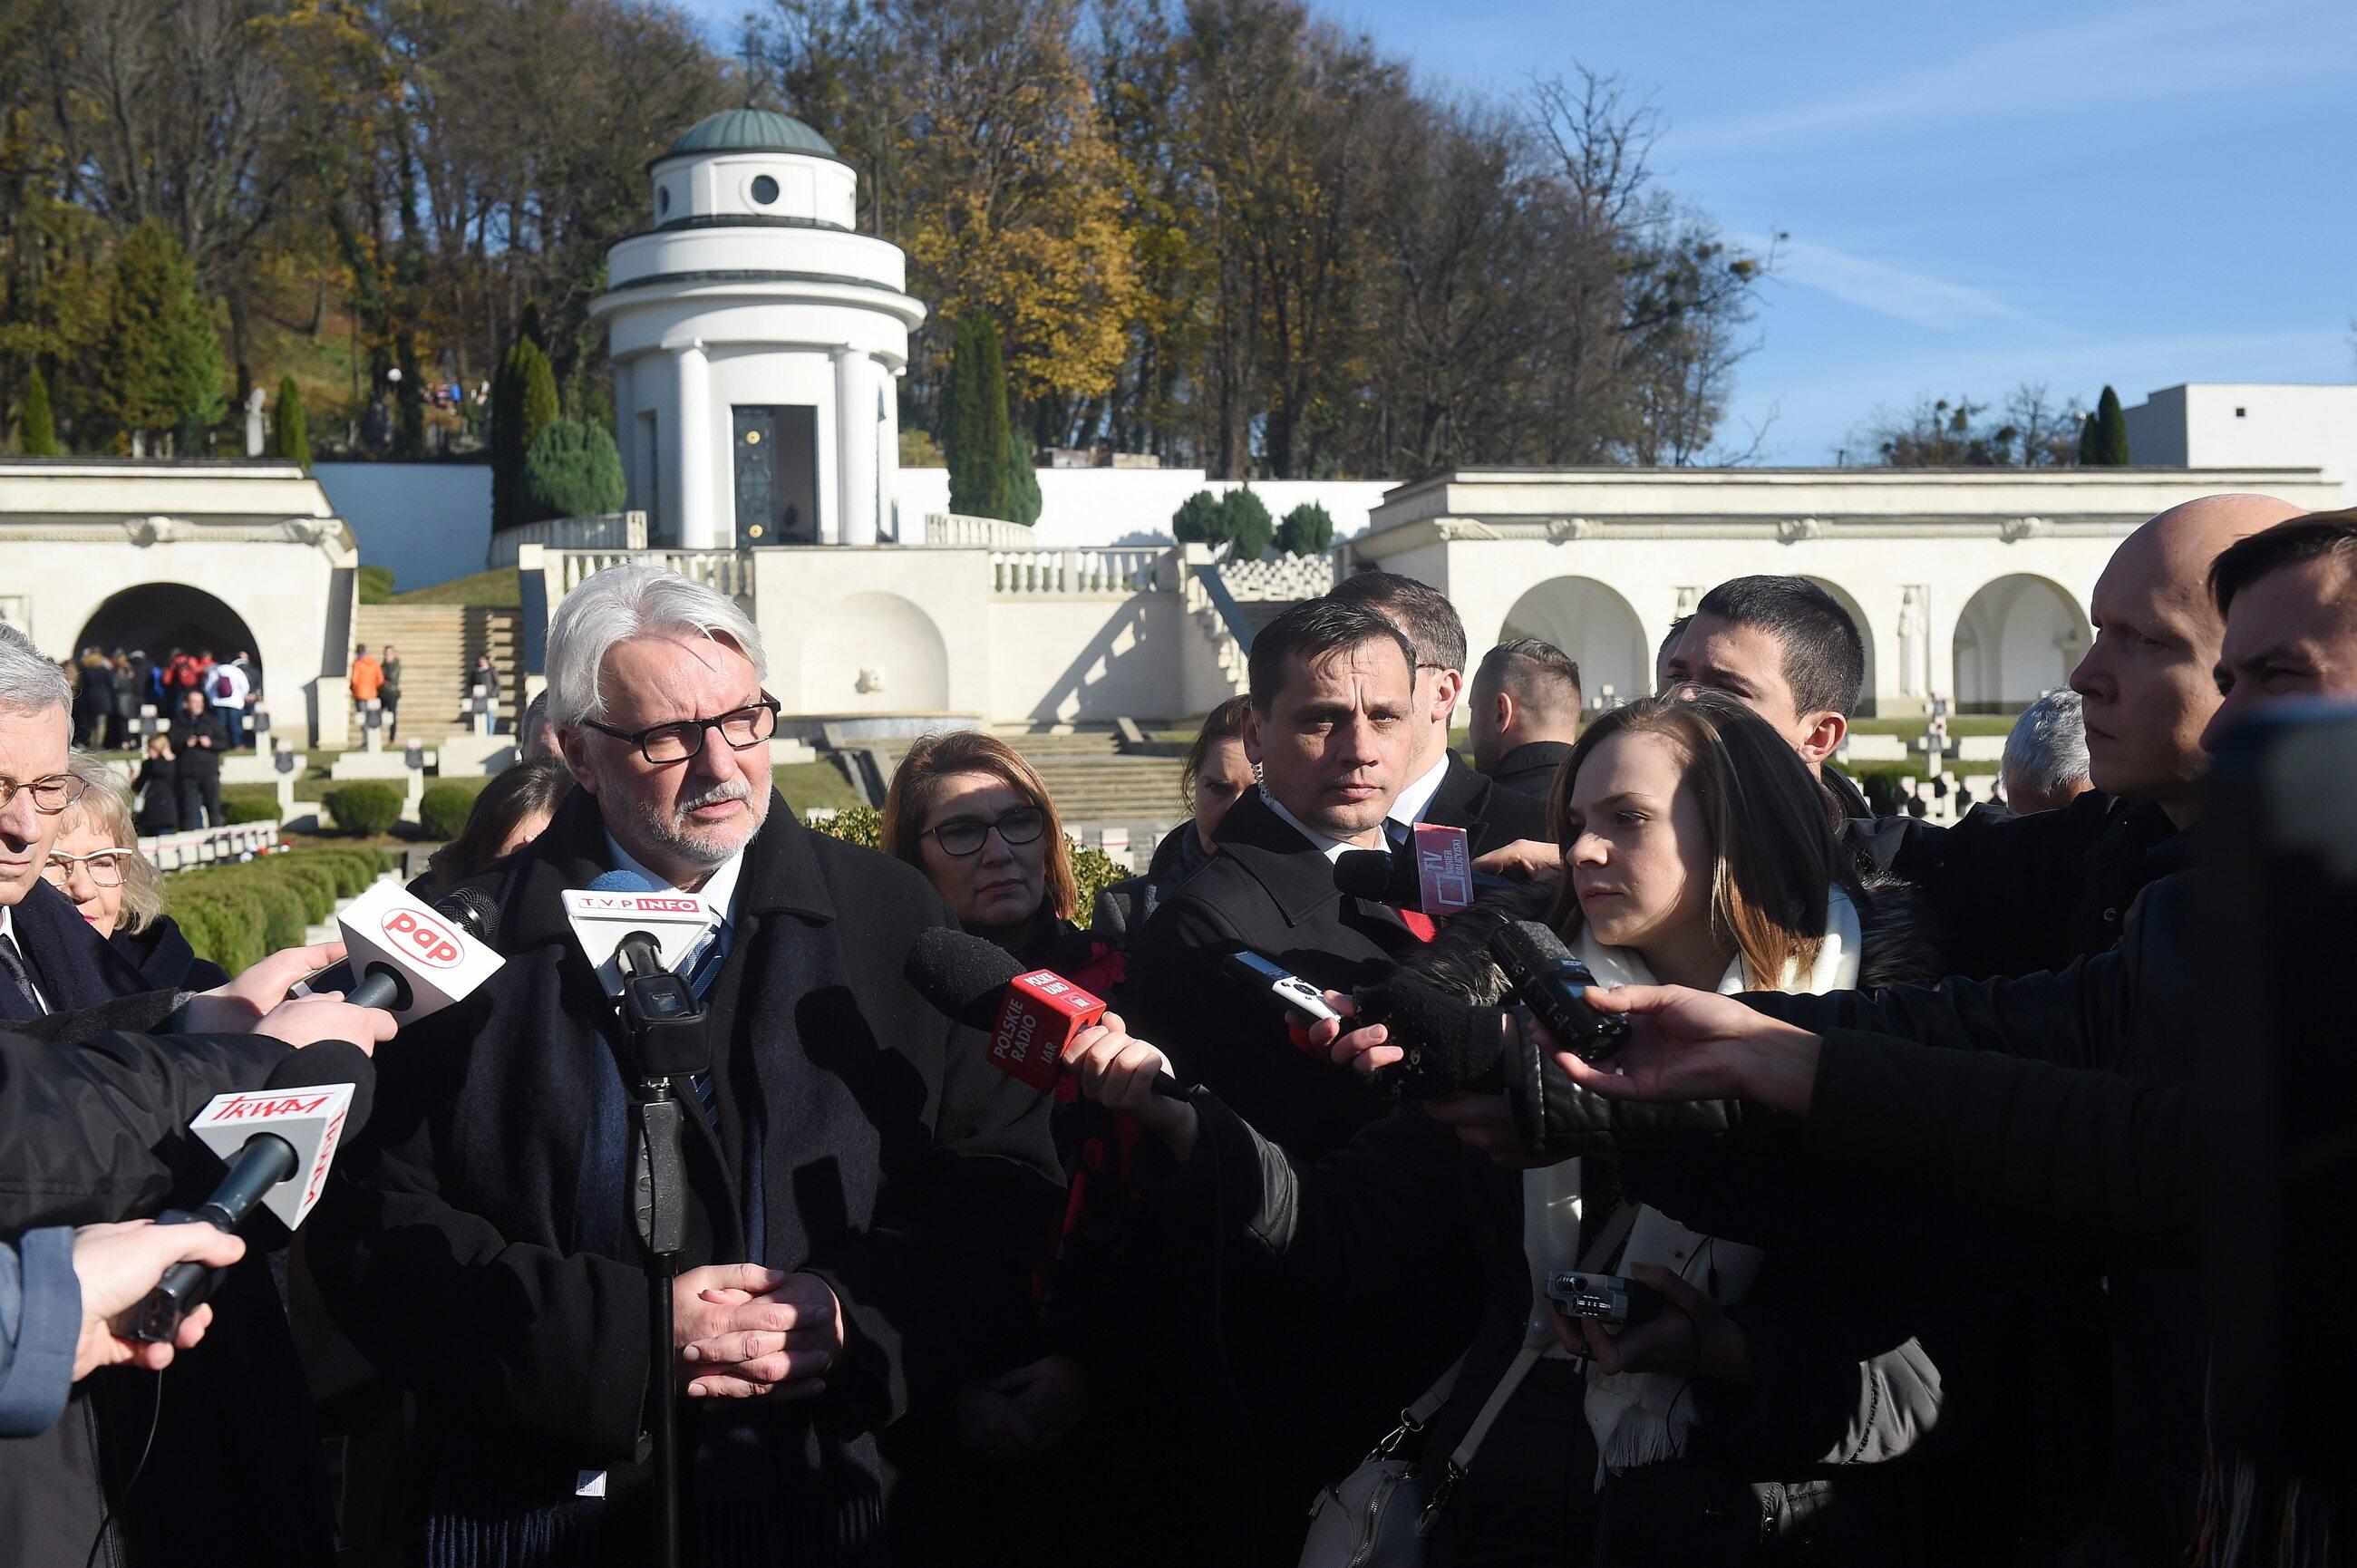 Minister spraw zagranicznych Witold Waszczykowski (L) podczas konferencji prasowej na Cmentarzu Łyczakowskim we Lwowie